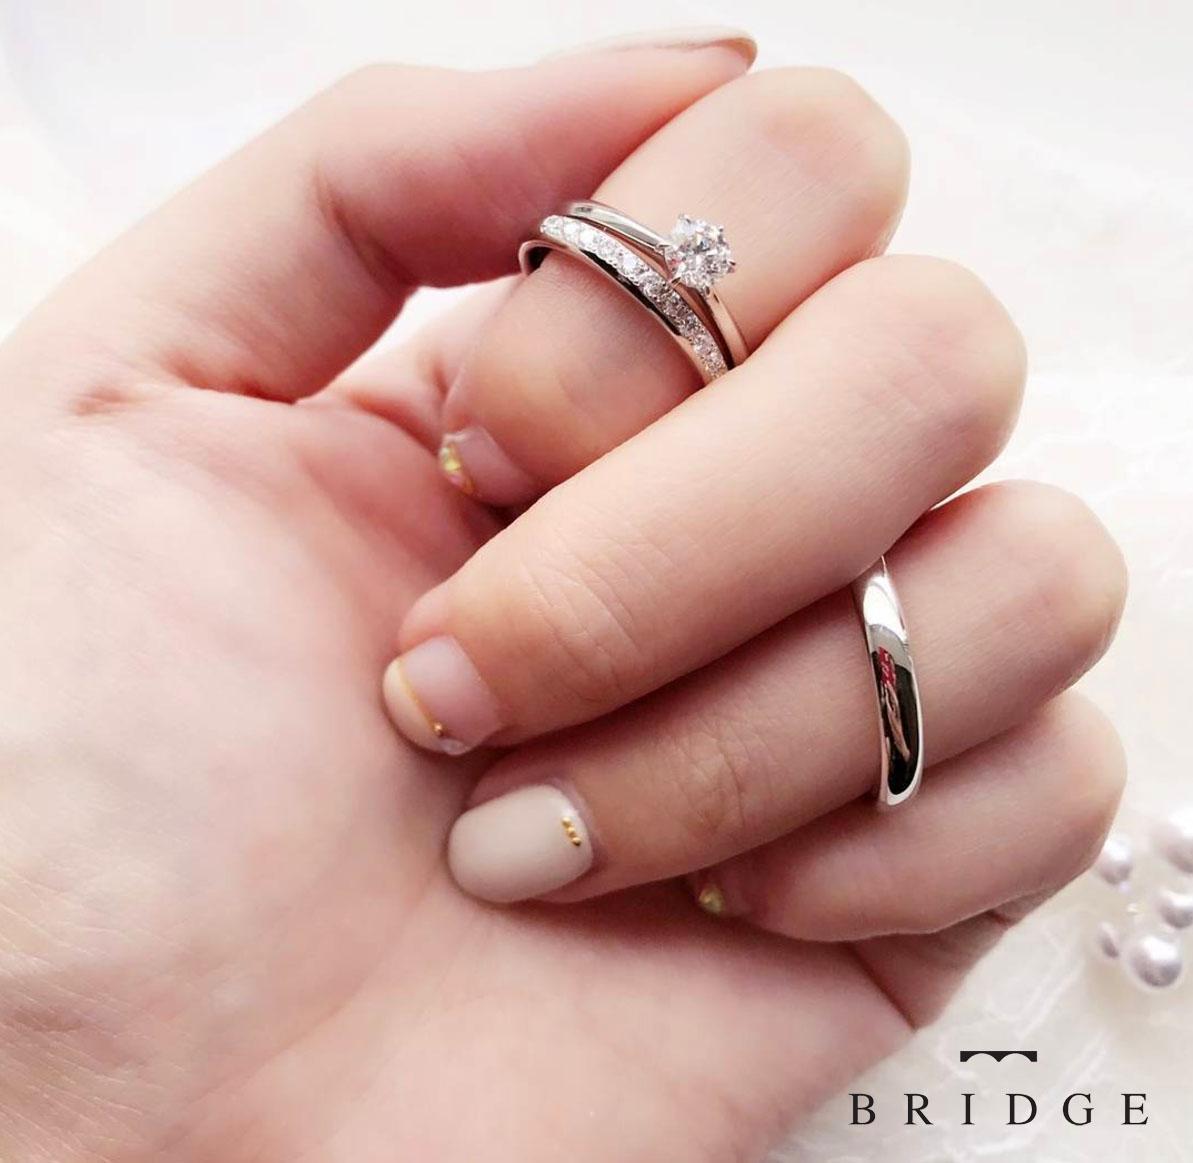 ソリティア 王道 ストレート 婚約指輪 ダイヤモンド 銀座 重ね付け